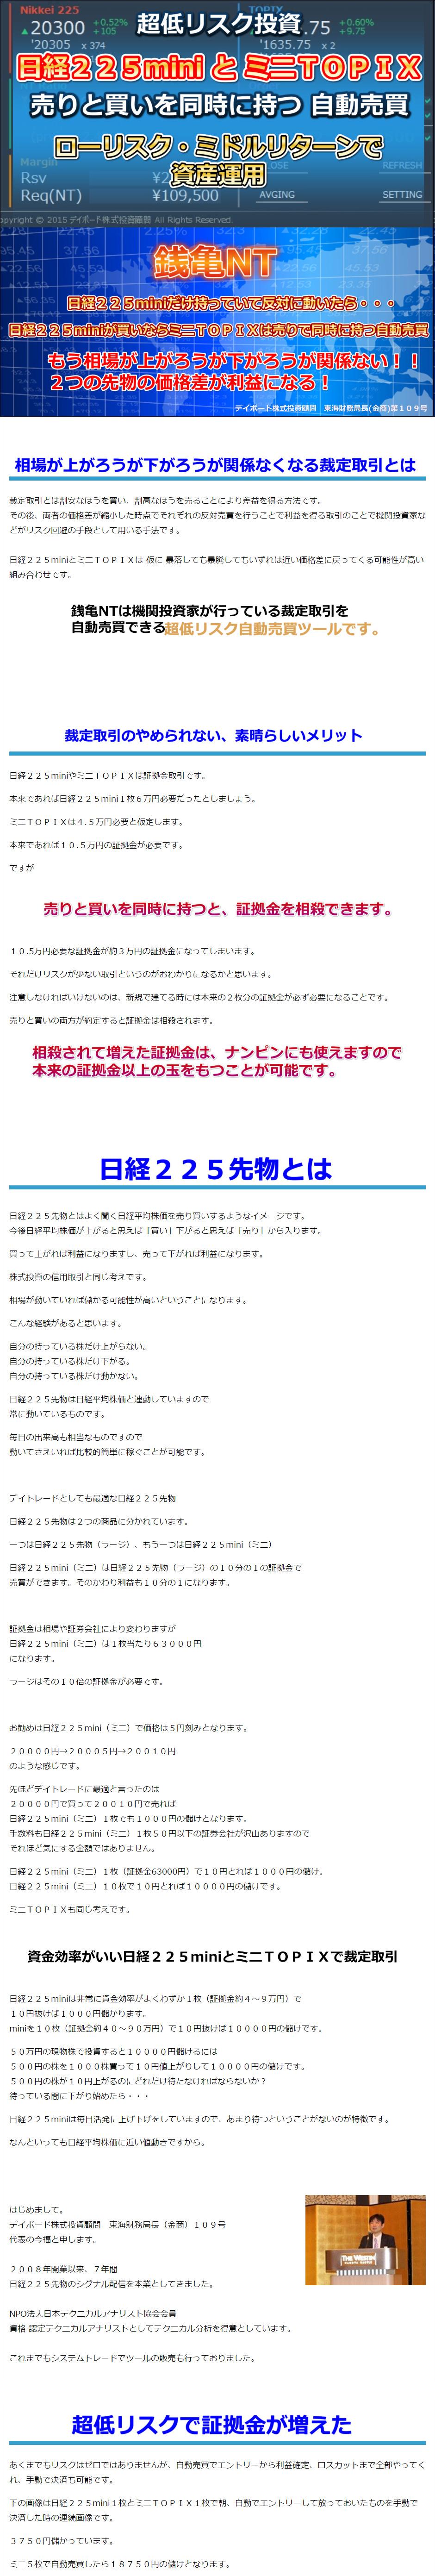 日経225miniとミニTOPI ー 銭亀NT1